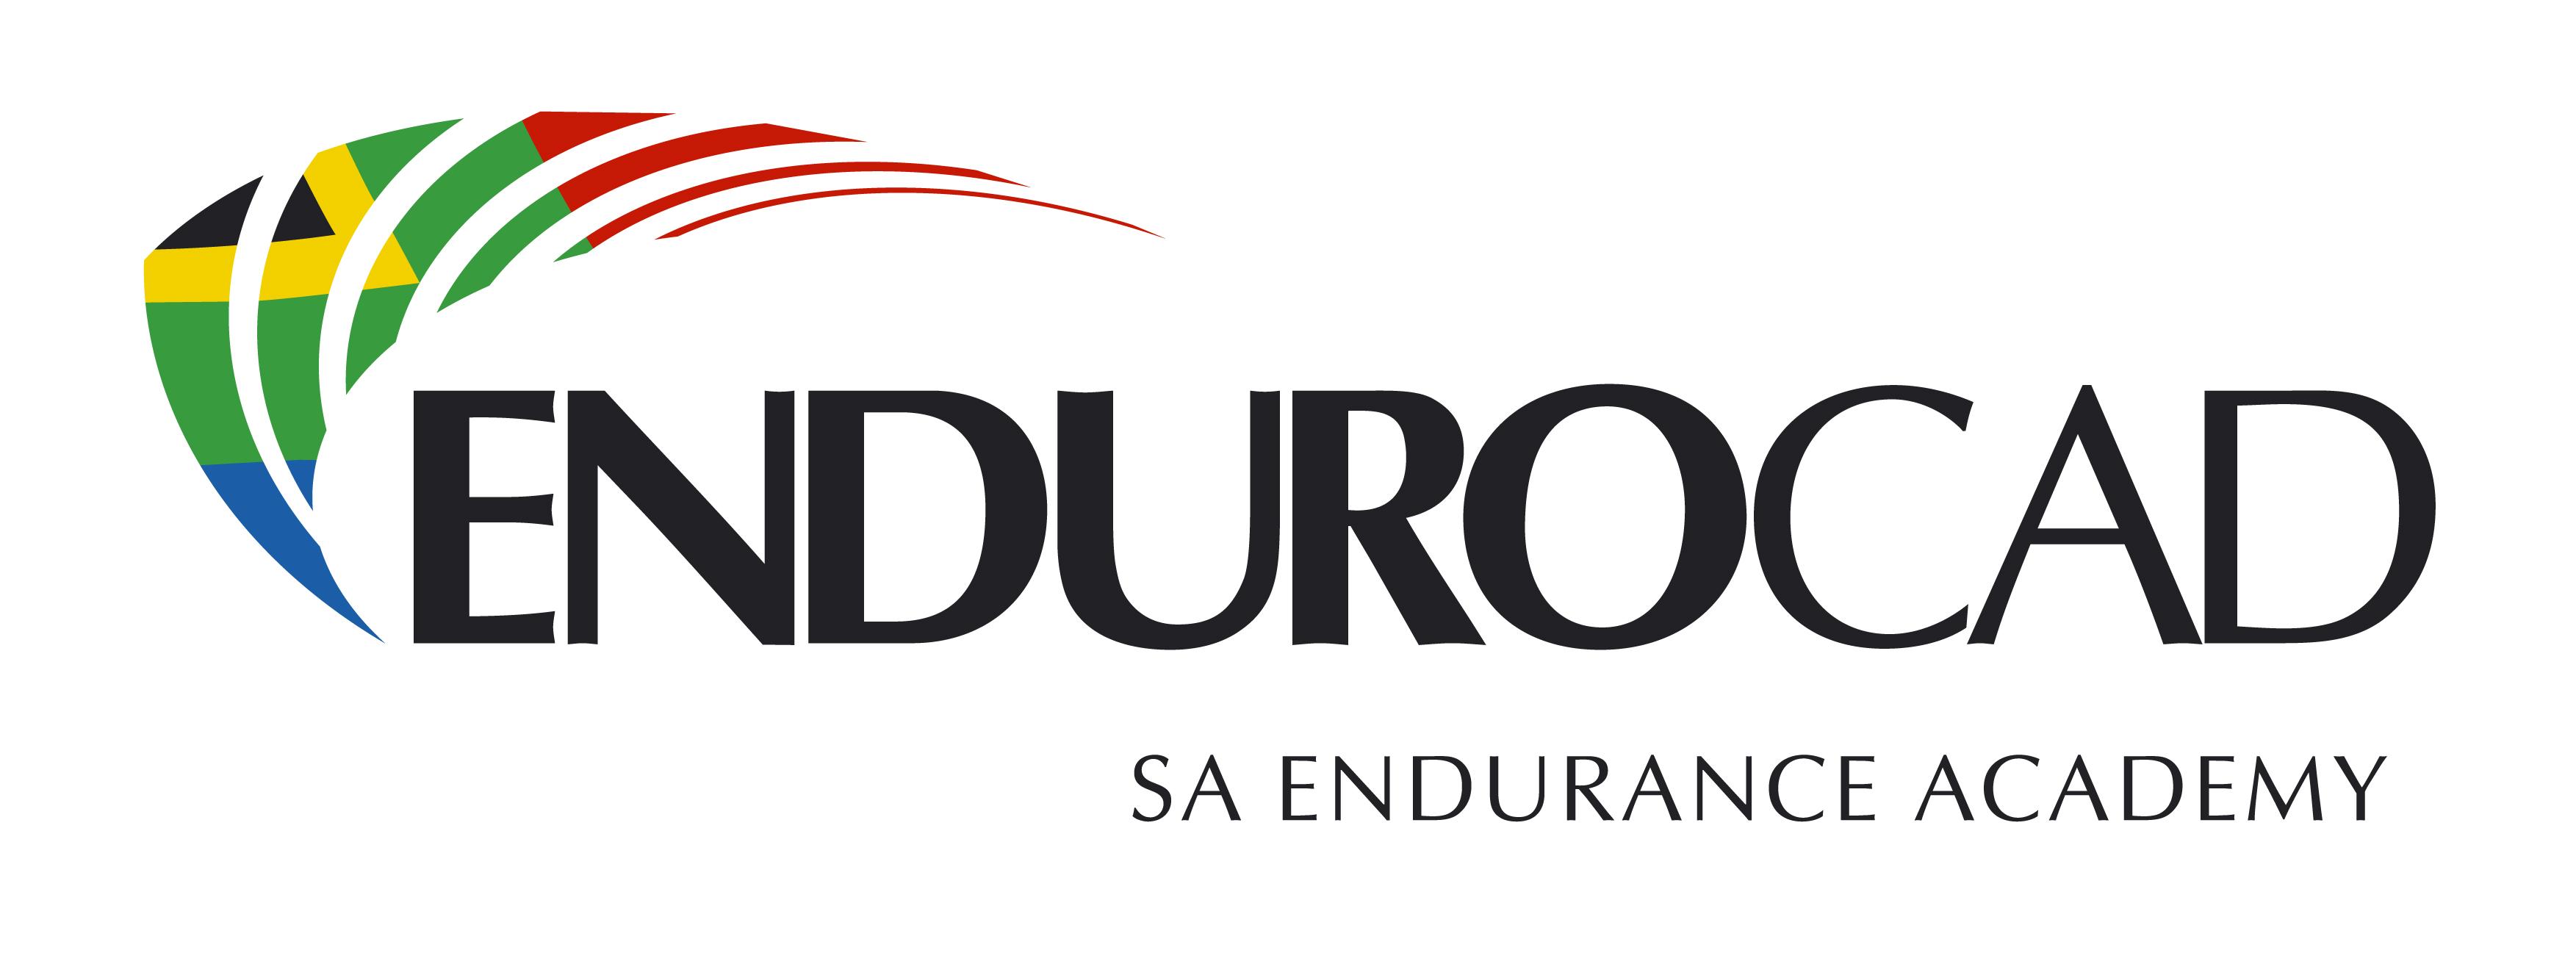 SA Endurance Academy